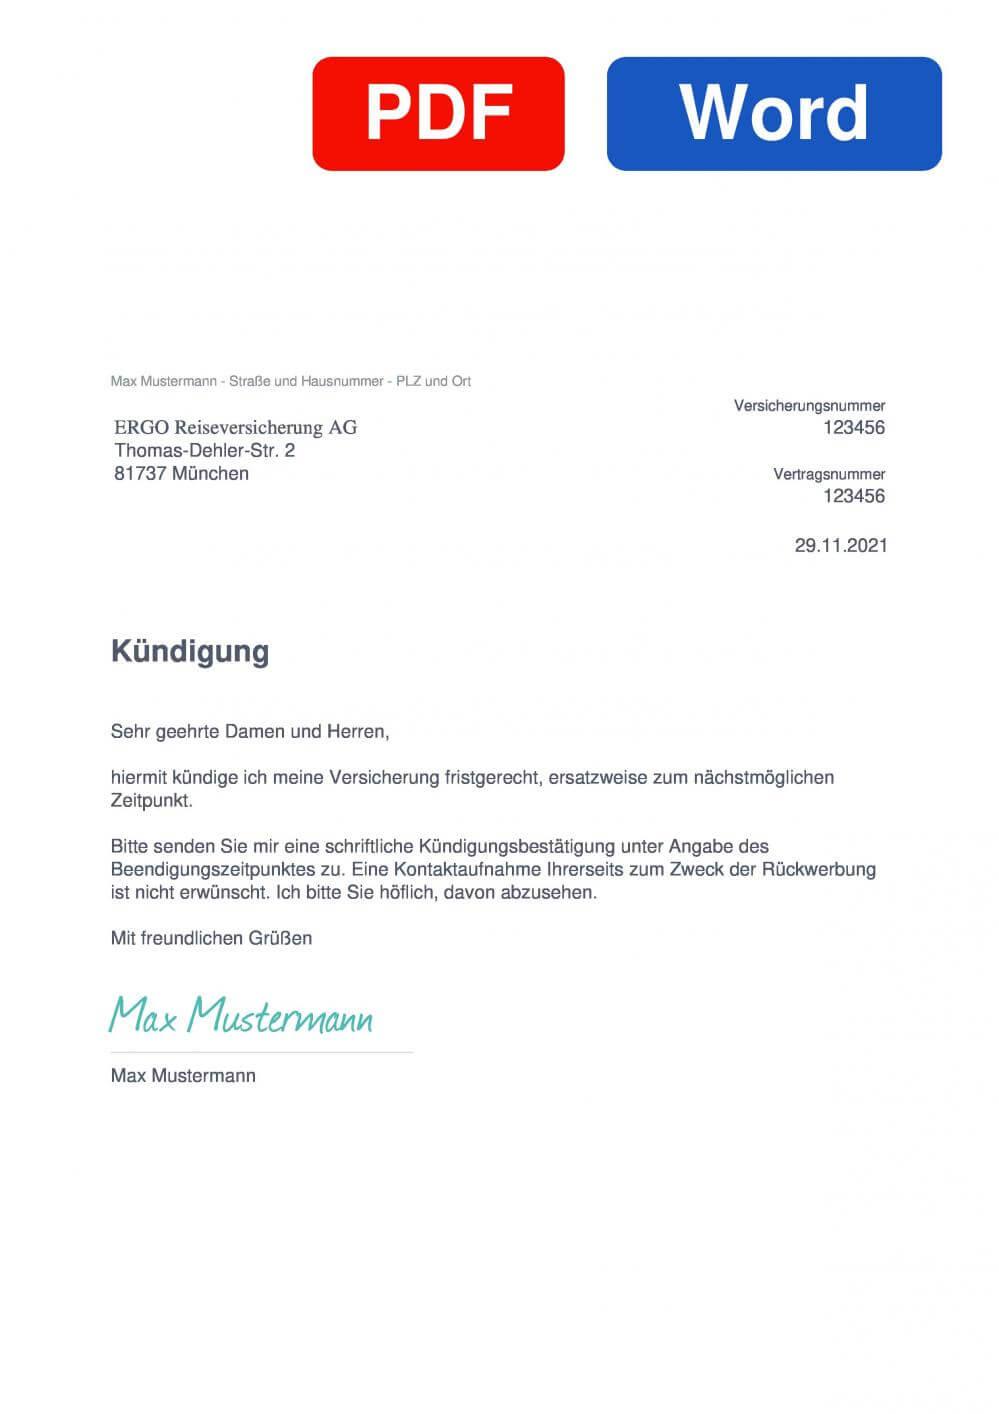 ERGO Direkt Auslandskrankenversicherung Muster Vorlage für Kündigungsschreiben